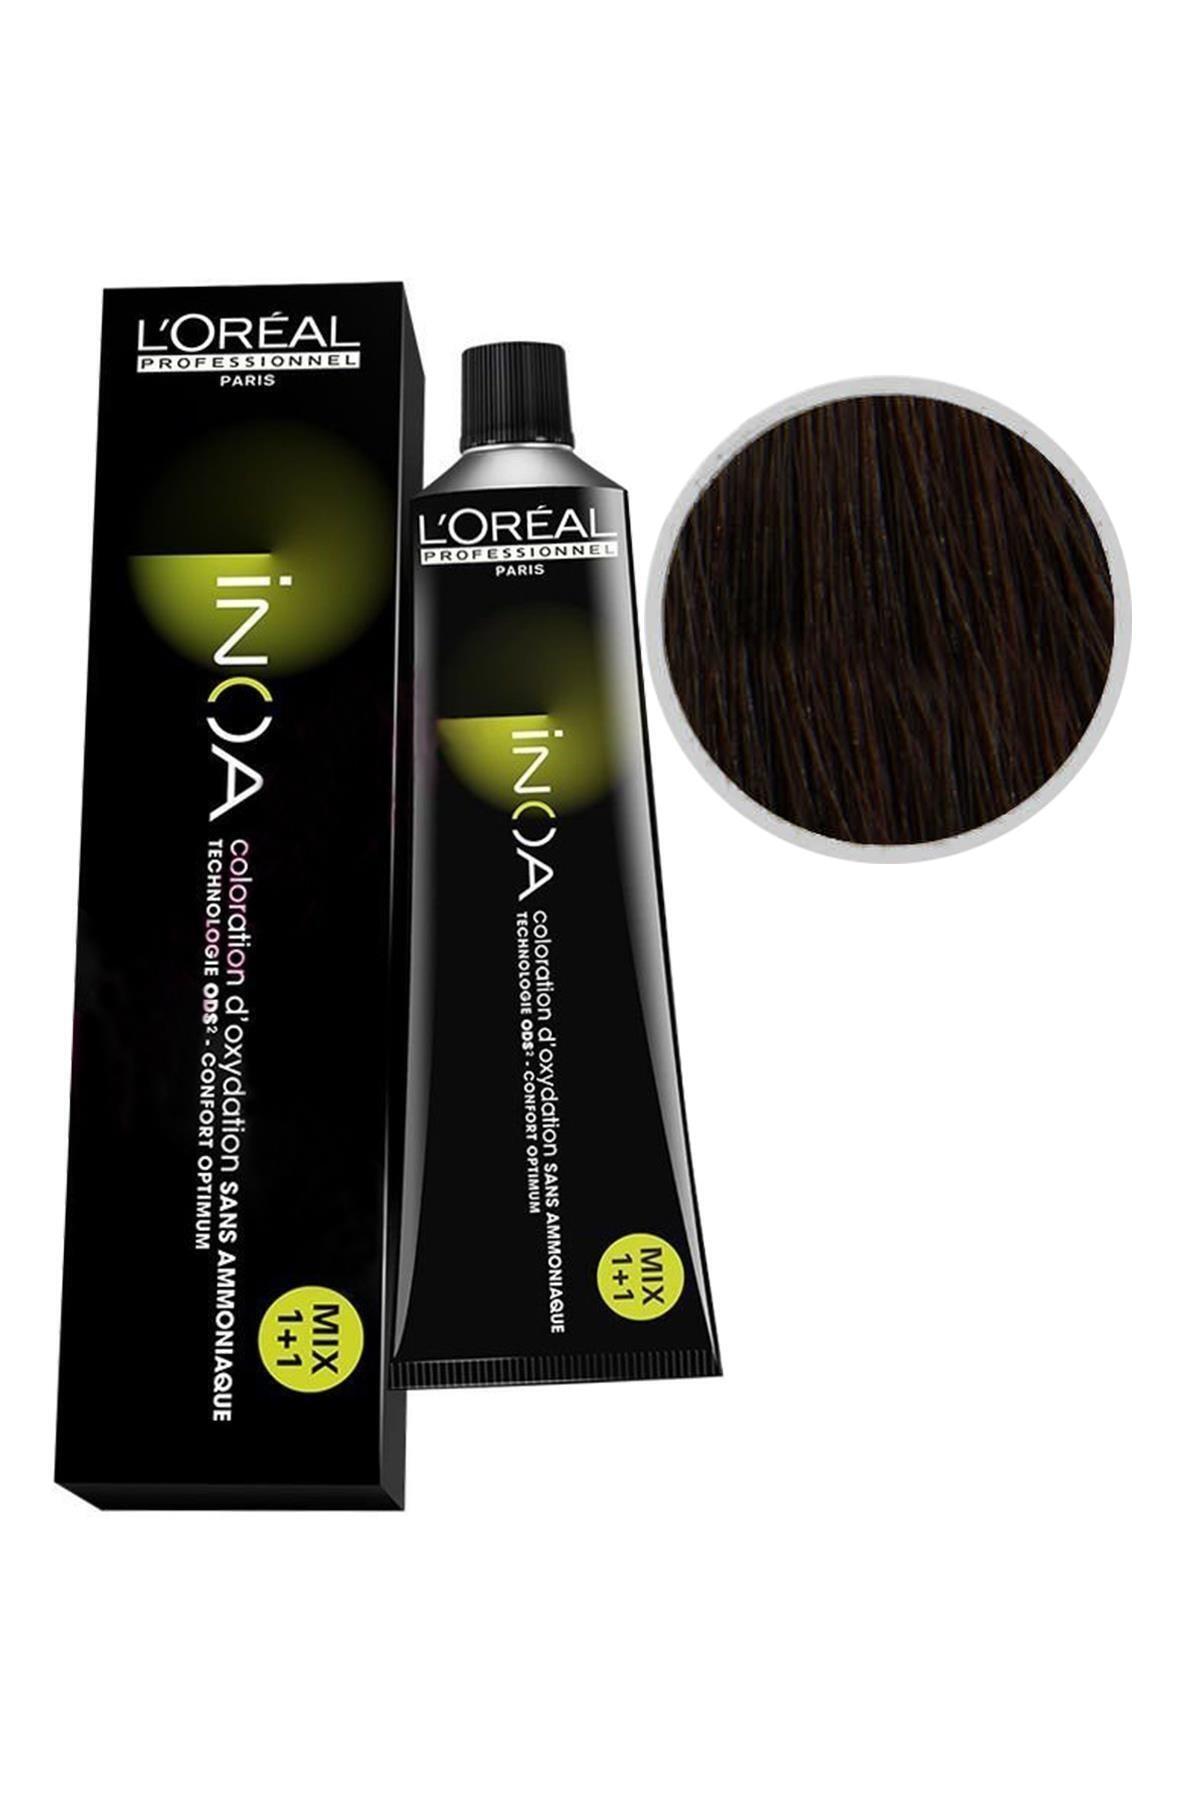 İNOA Inoa Saç Boyası 5,0 Açık Kahve 3474630462403 (OKSİDANSIZ) 1